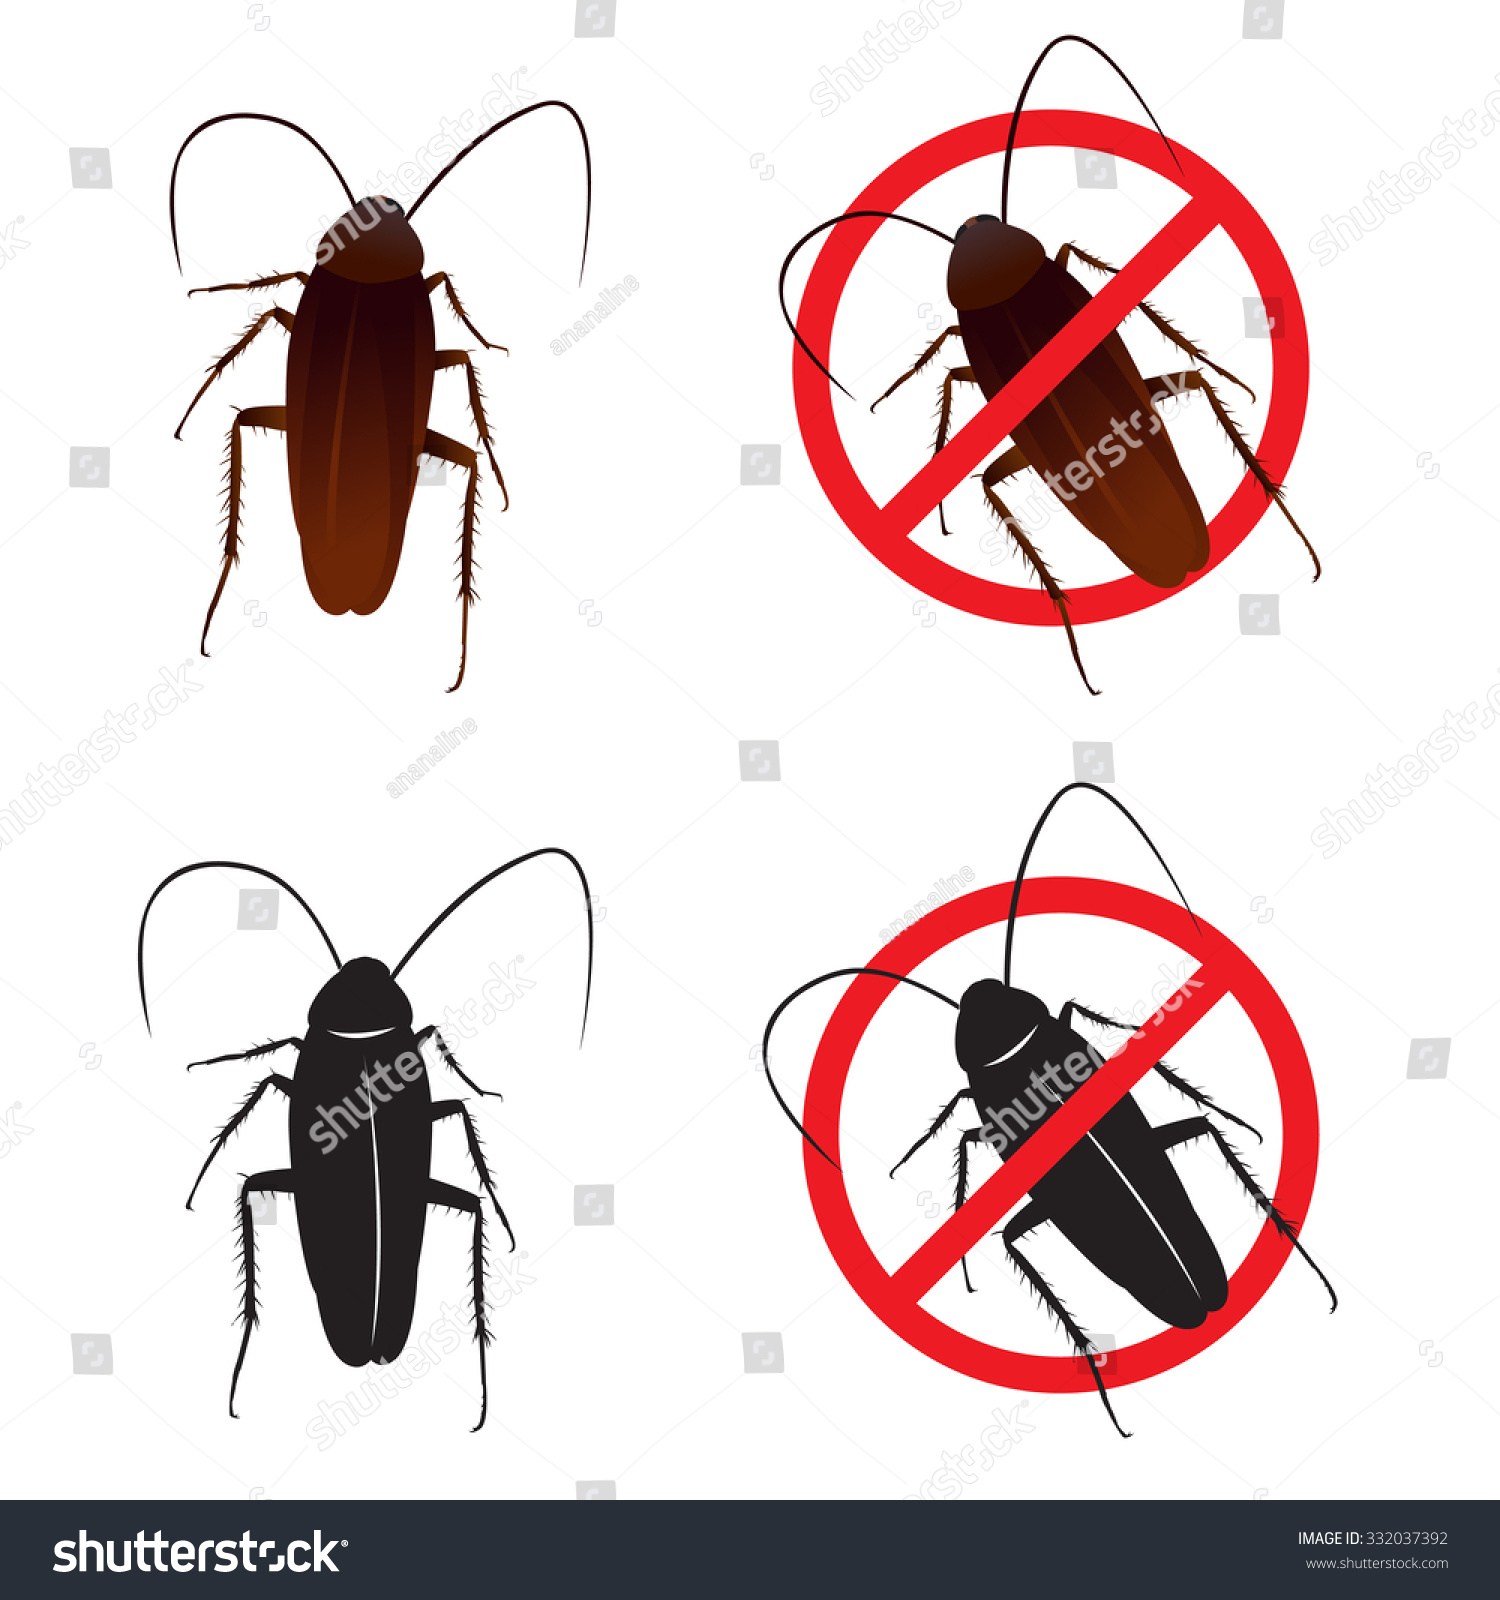 蟑螂小强和停止标志符号向量设计-动物/野生生物